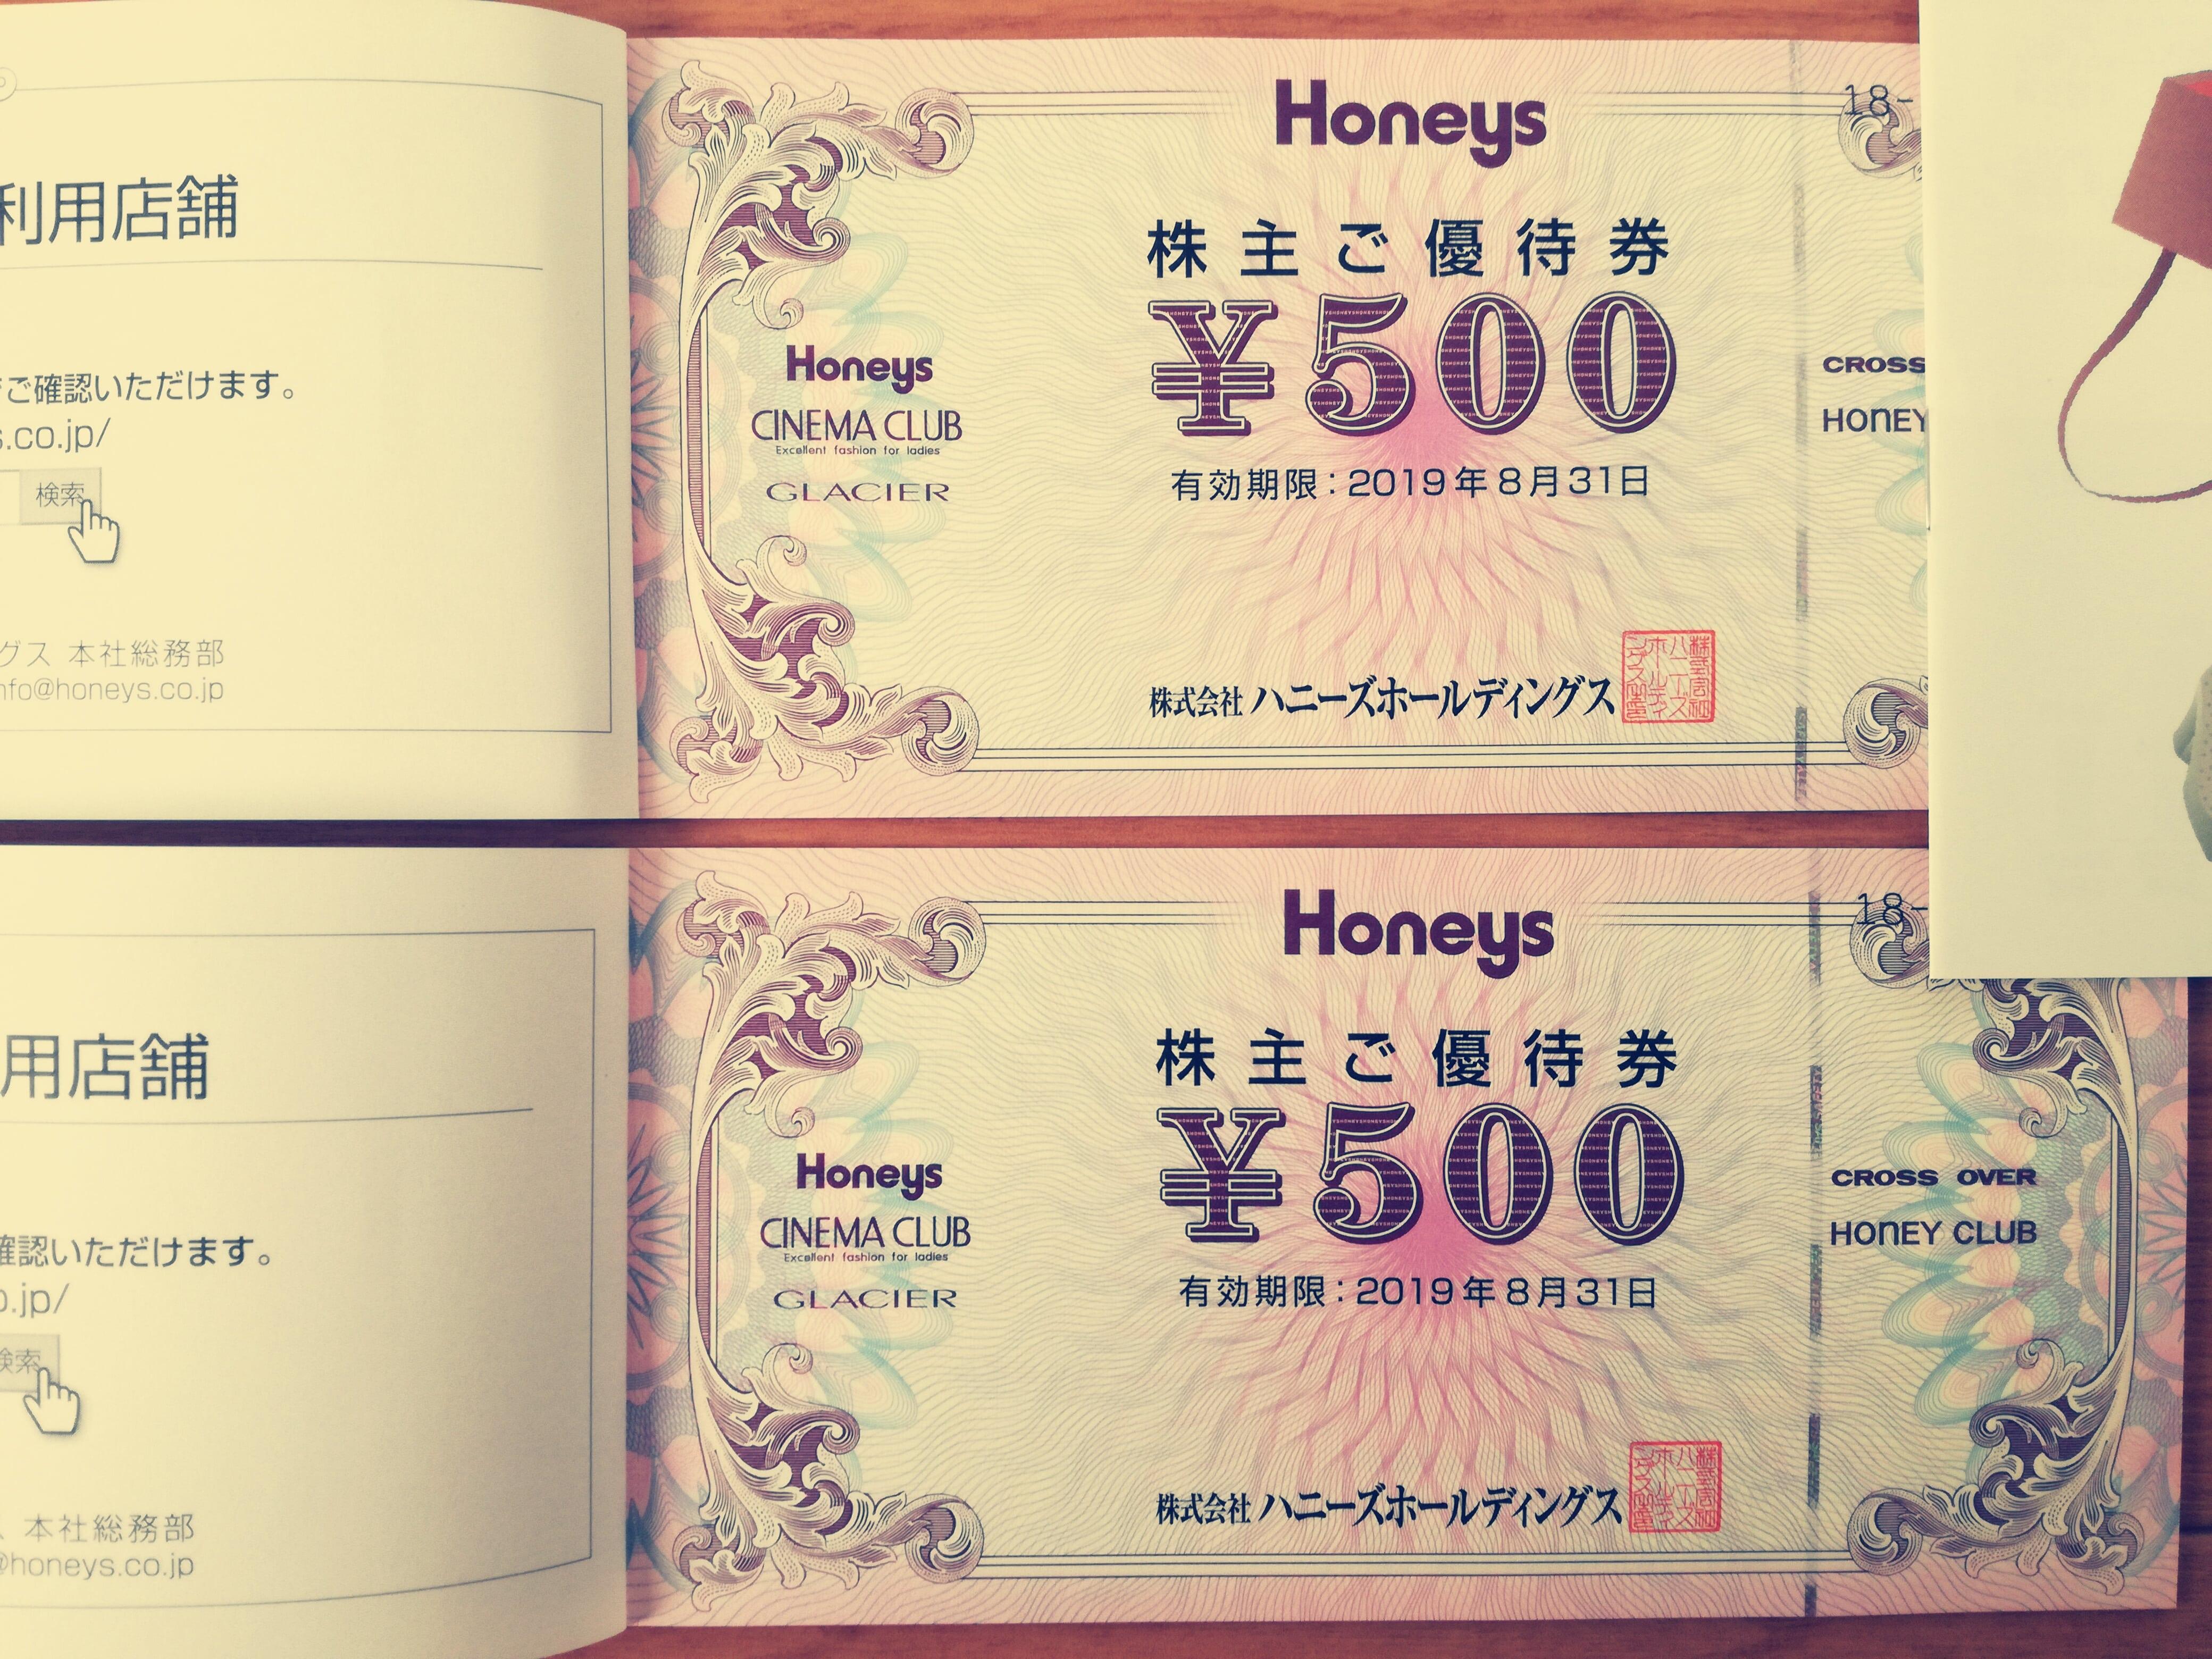 ハニーズホールディングス(2792)から妻が喜ぶ株主優待券3,000円分が2名義分到着!